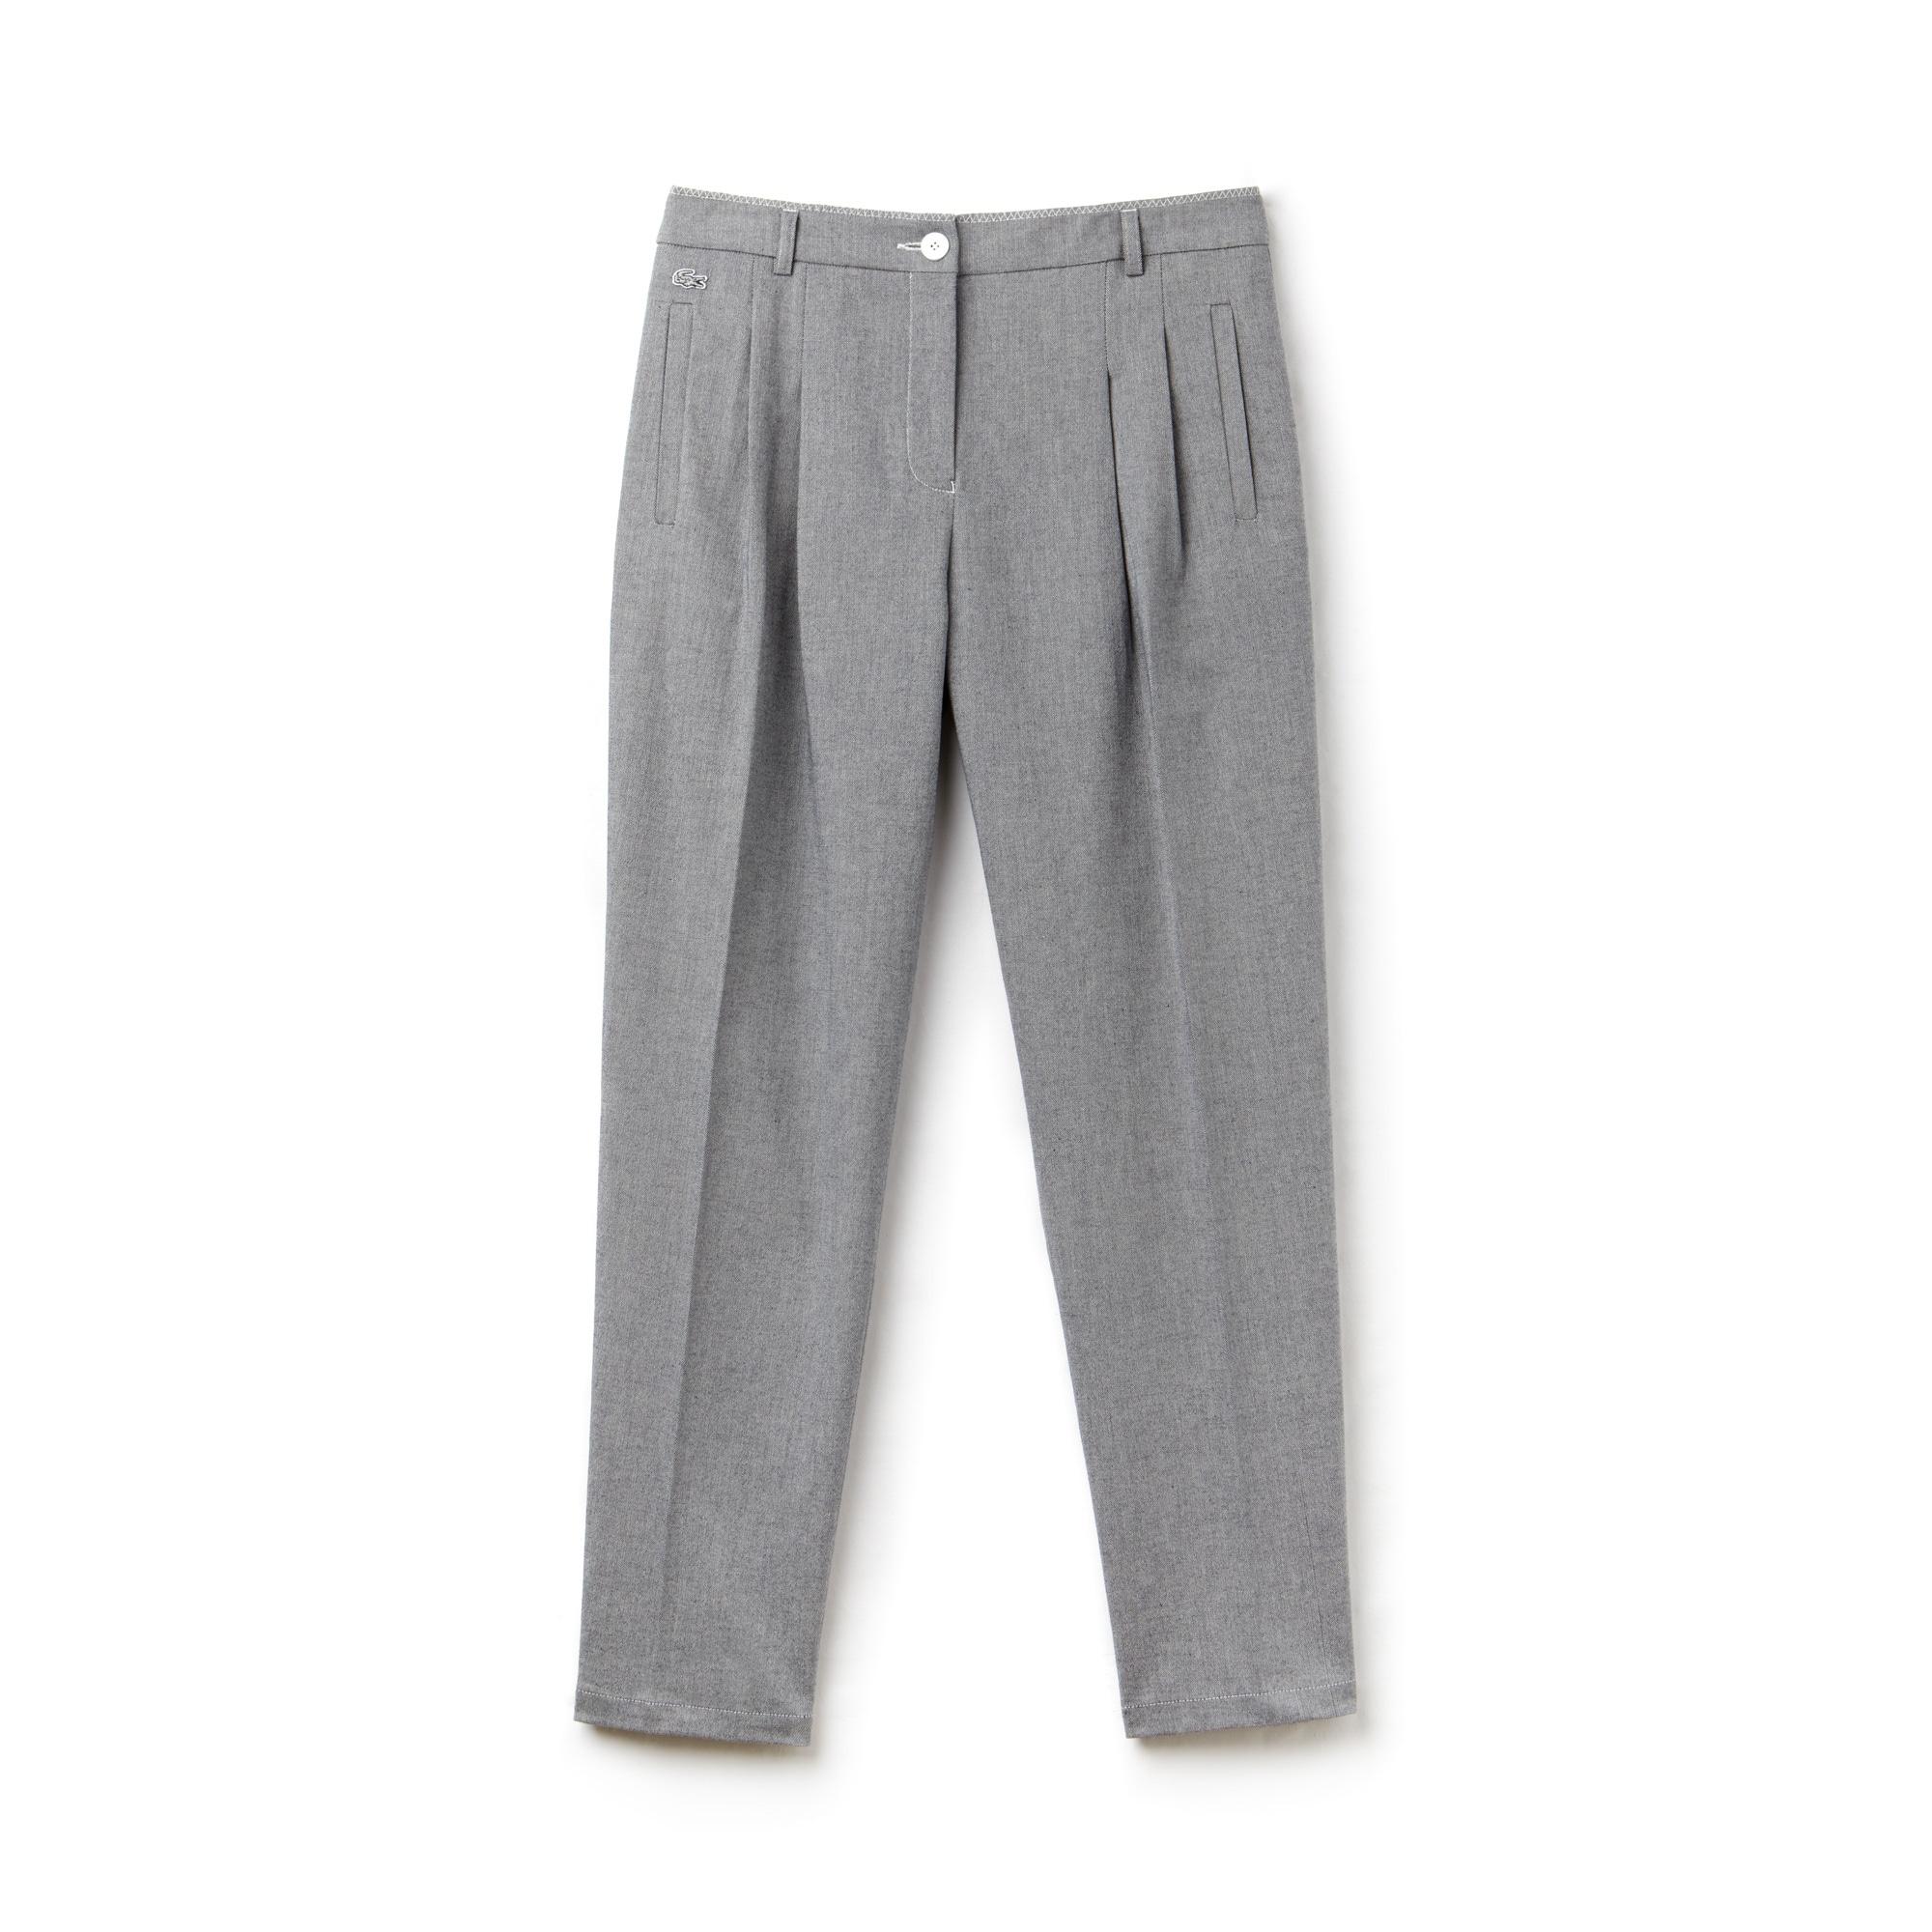 Pantalón zanahoria con pinzas de loneta de algodón elástica lisa